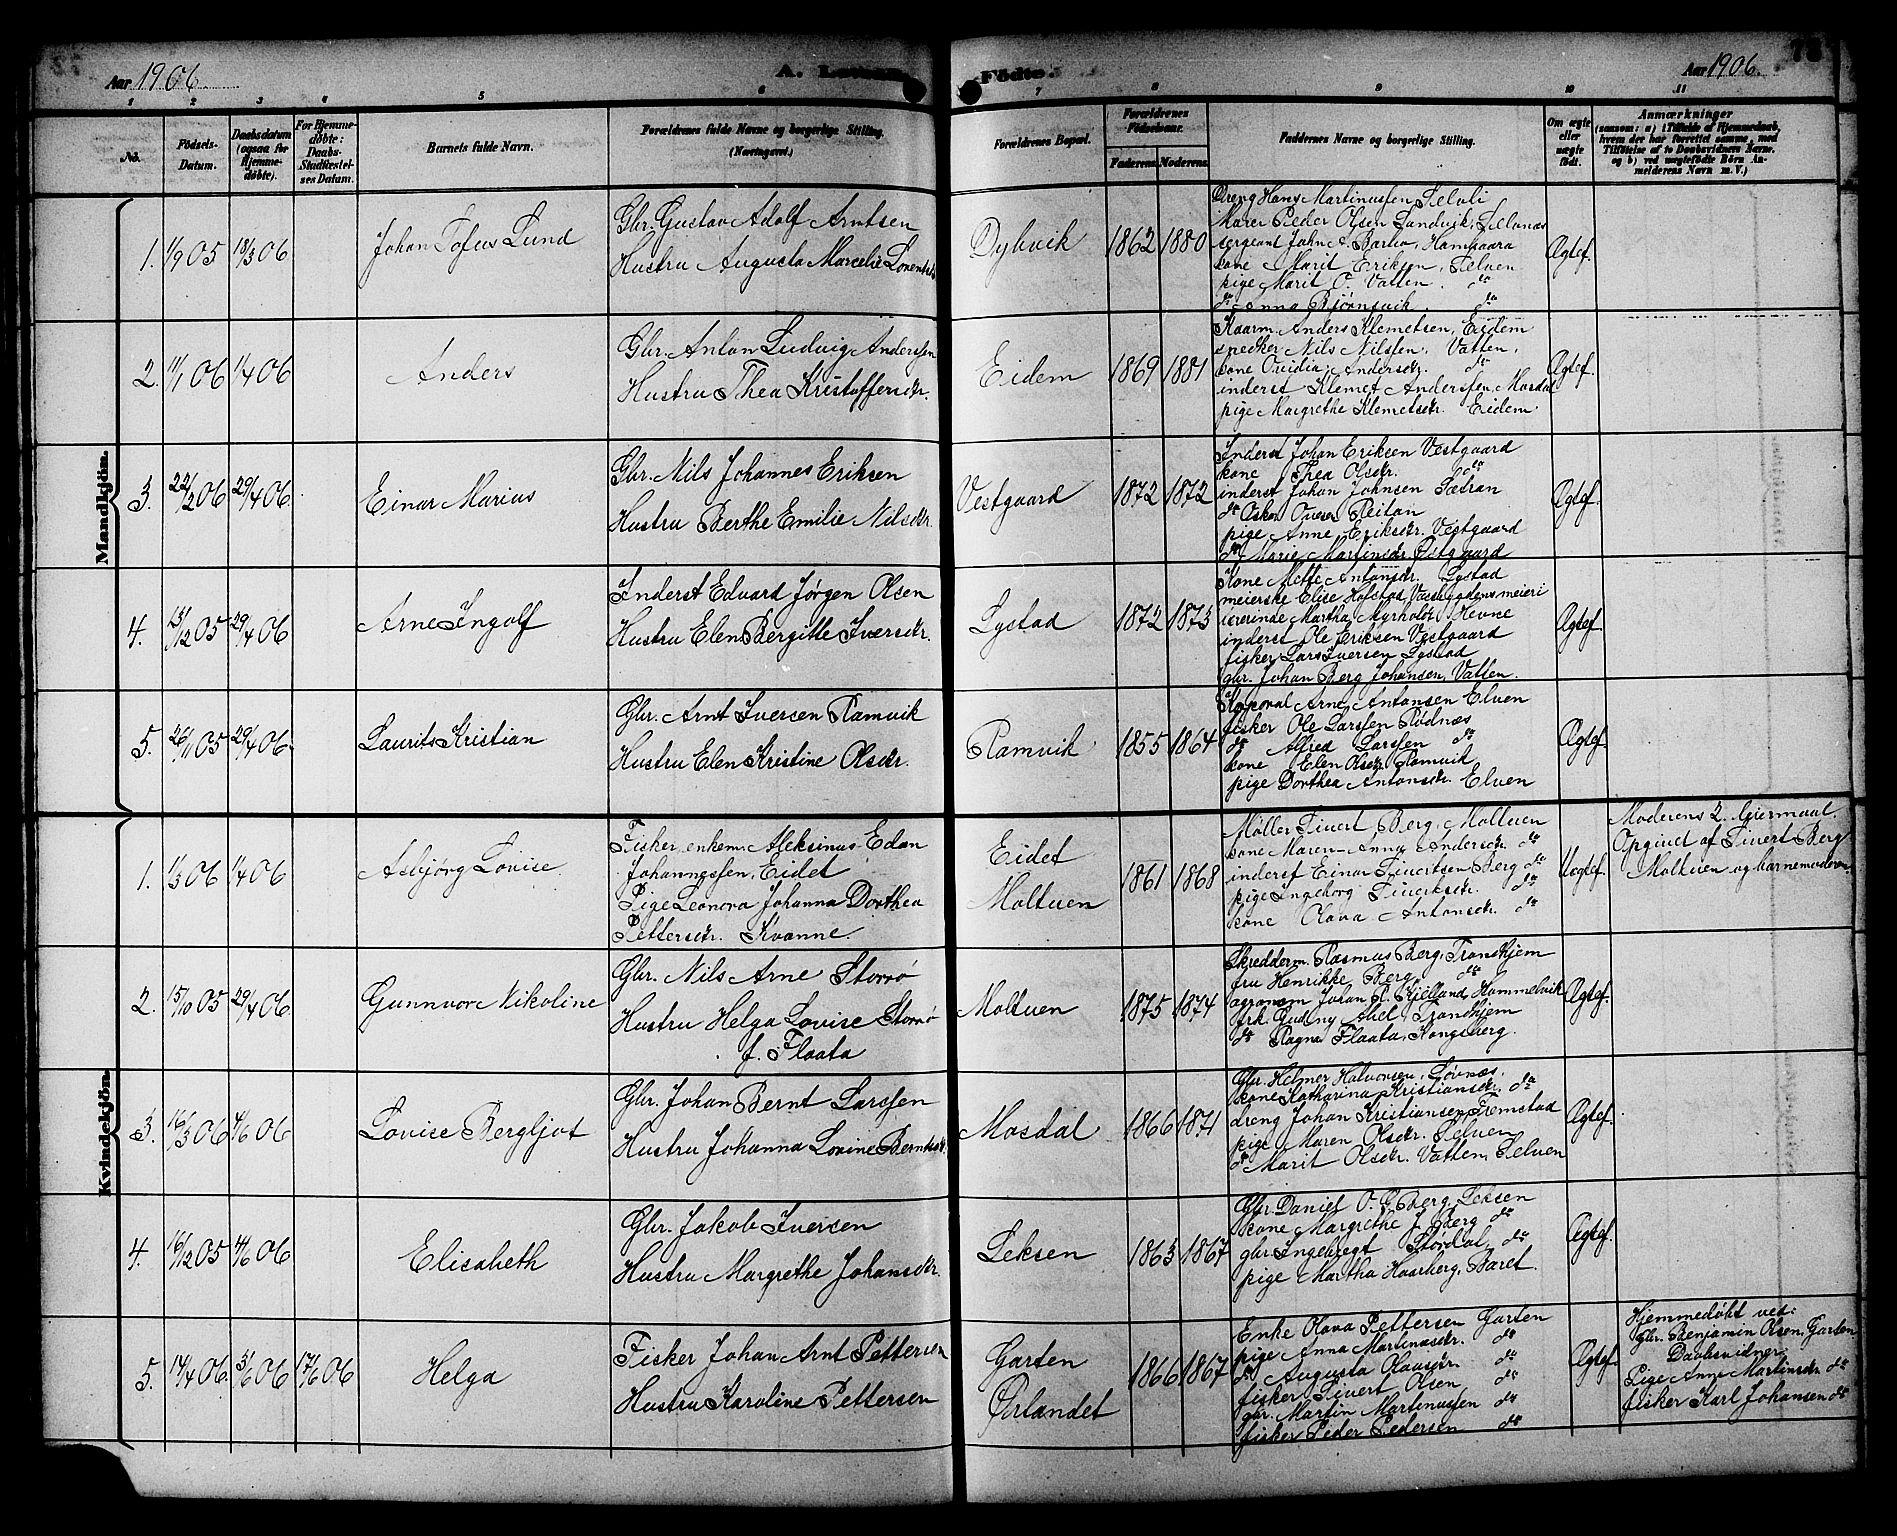 SAT, Ministerialprotokoller, klokkerbøker og fødselsregistre - Sør-Trøndelag, 662/L0757: Klokkerbok nr. 662C02, 1892-1918, s. 73